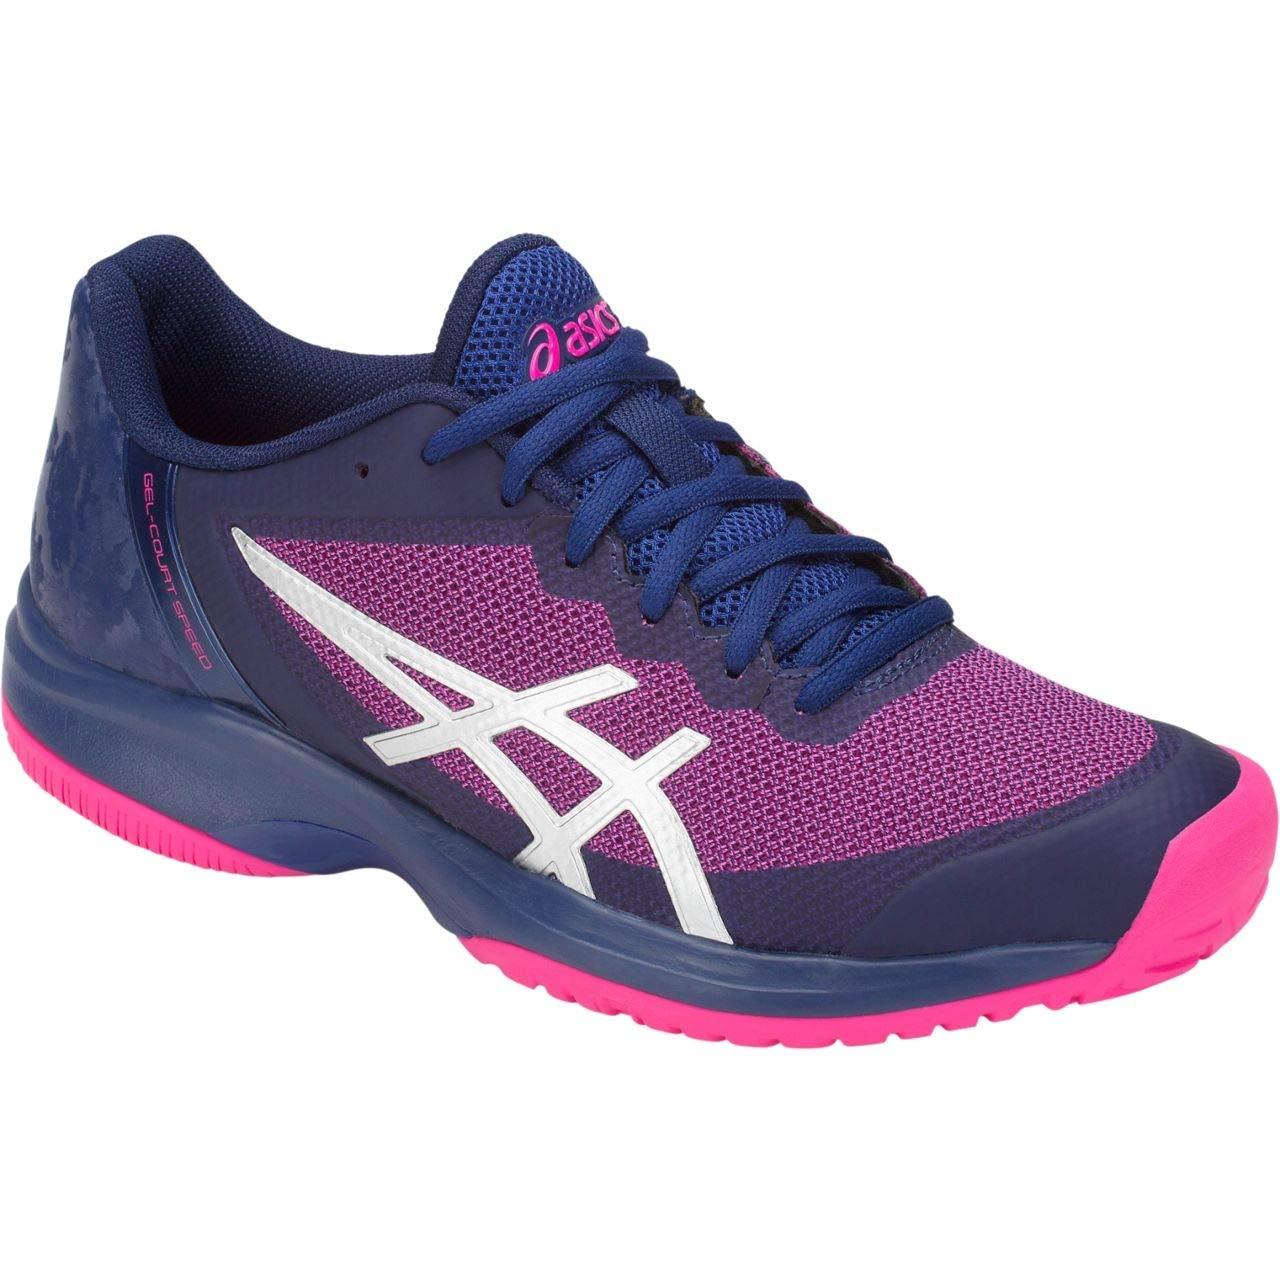 ASICS Womens Gel-Court Speed Tennis Shoe E850N